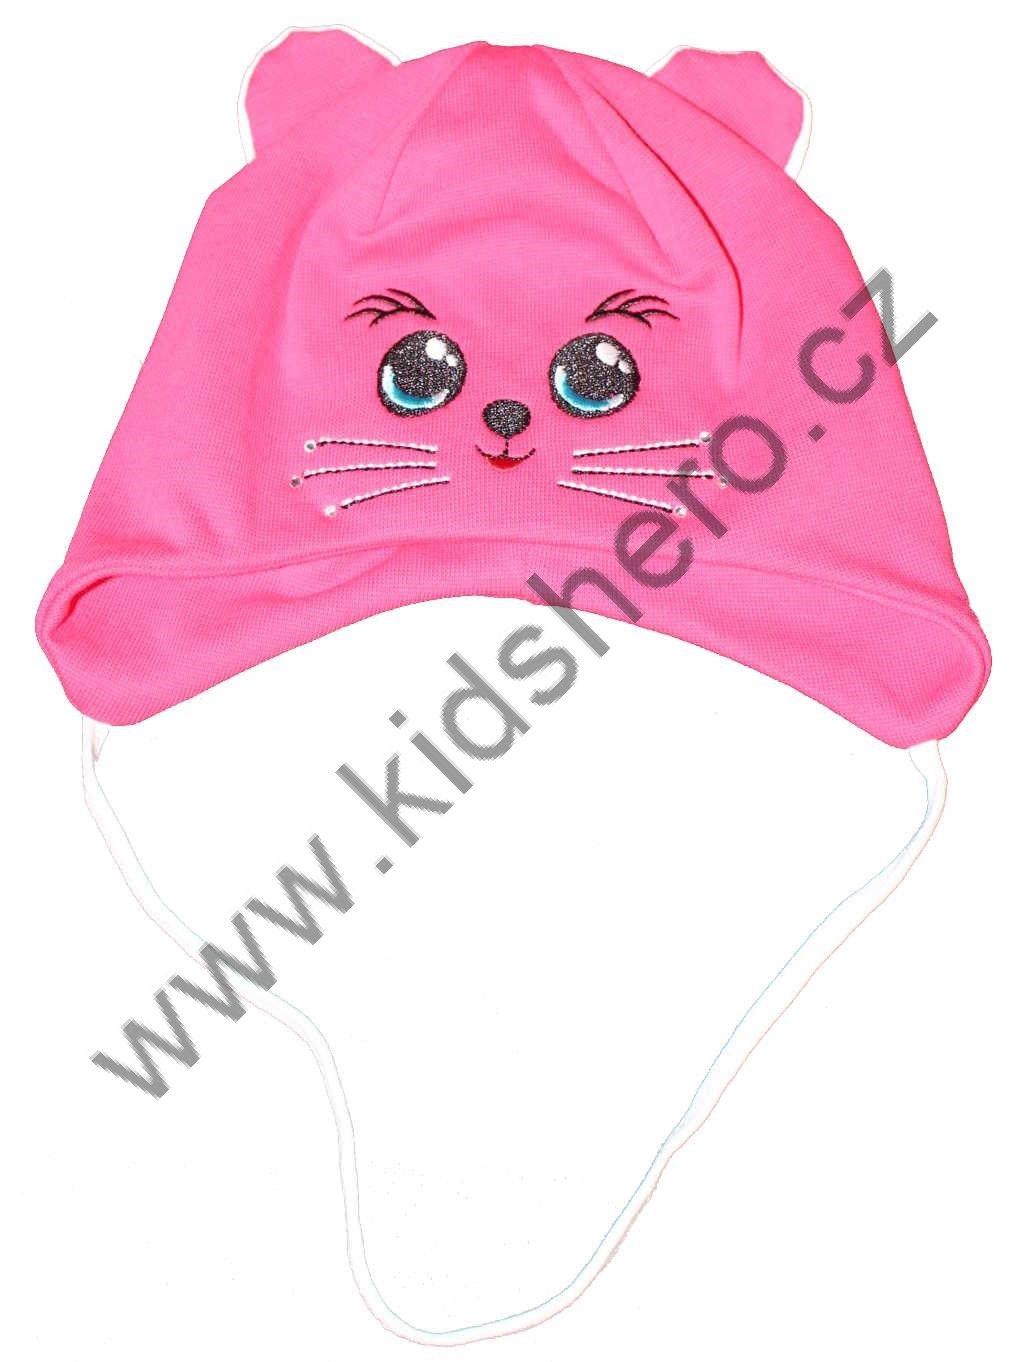 dětská čepice, kojenecká čepice, čepice pro miminka, dívčí čepice, jarní čepice, bavlněná čepice